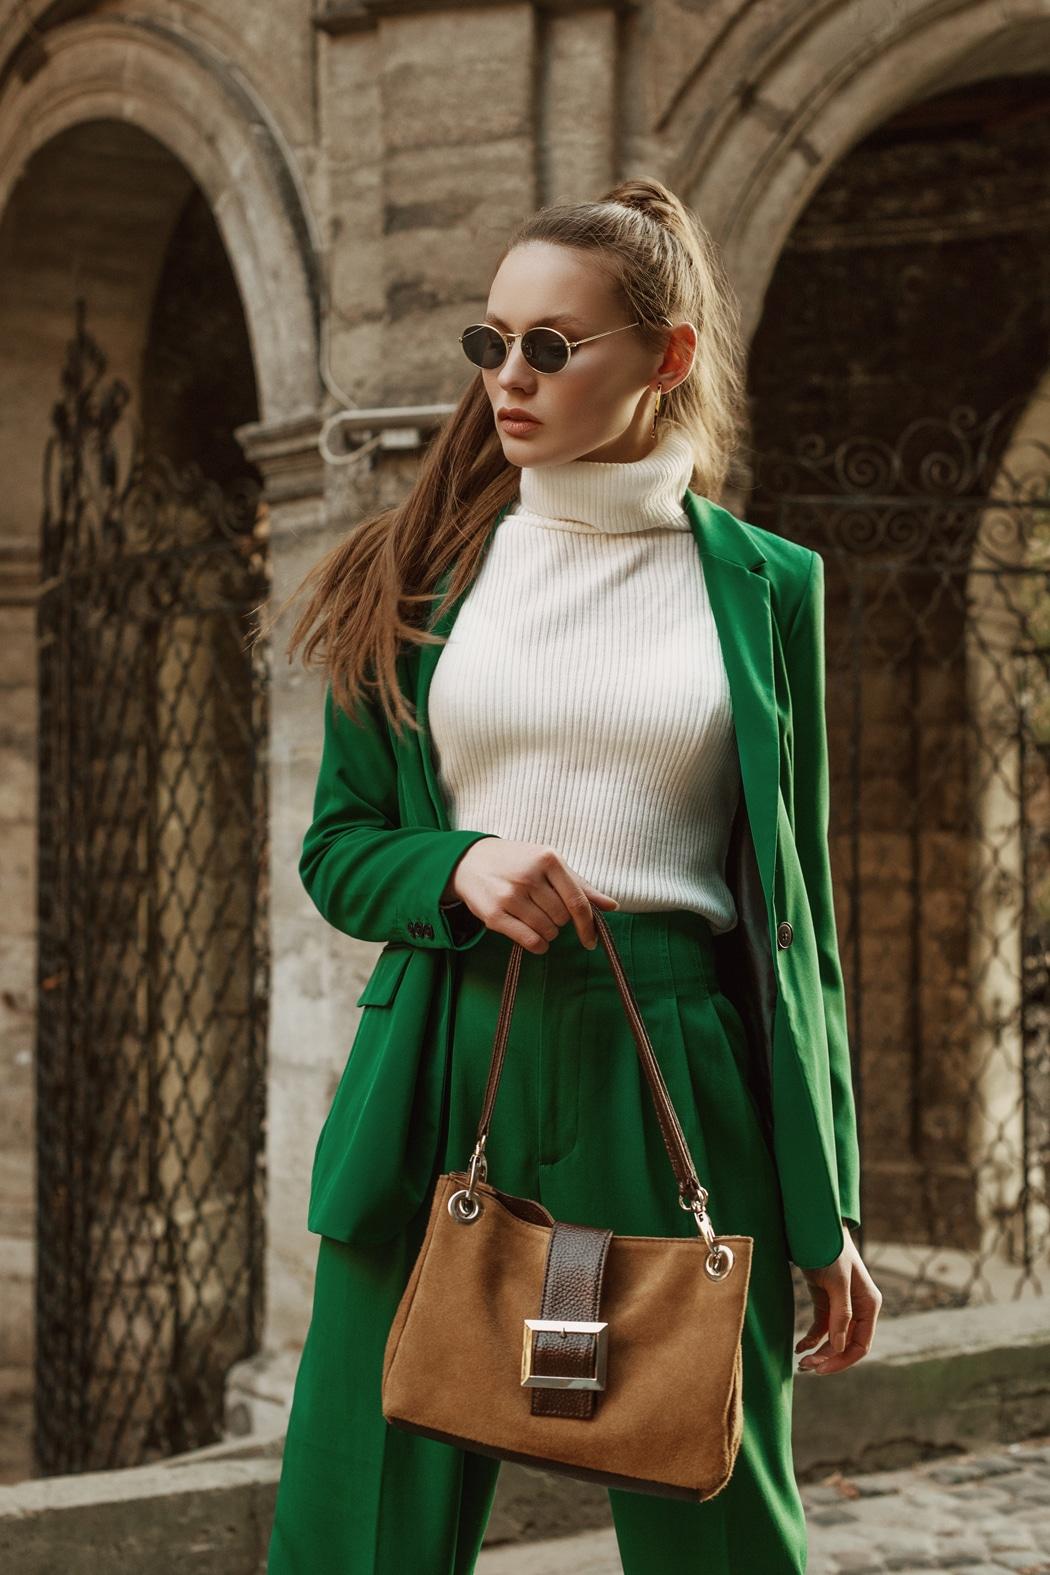 tendances vestes femmes